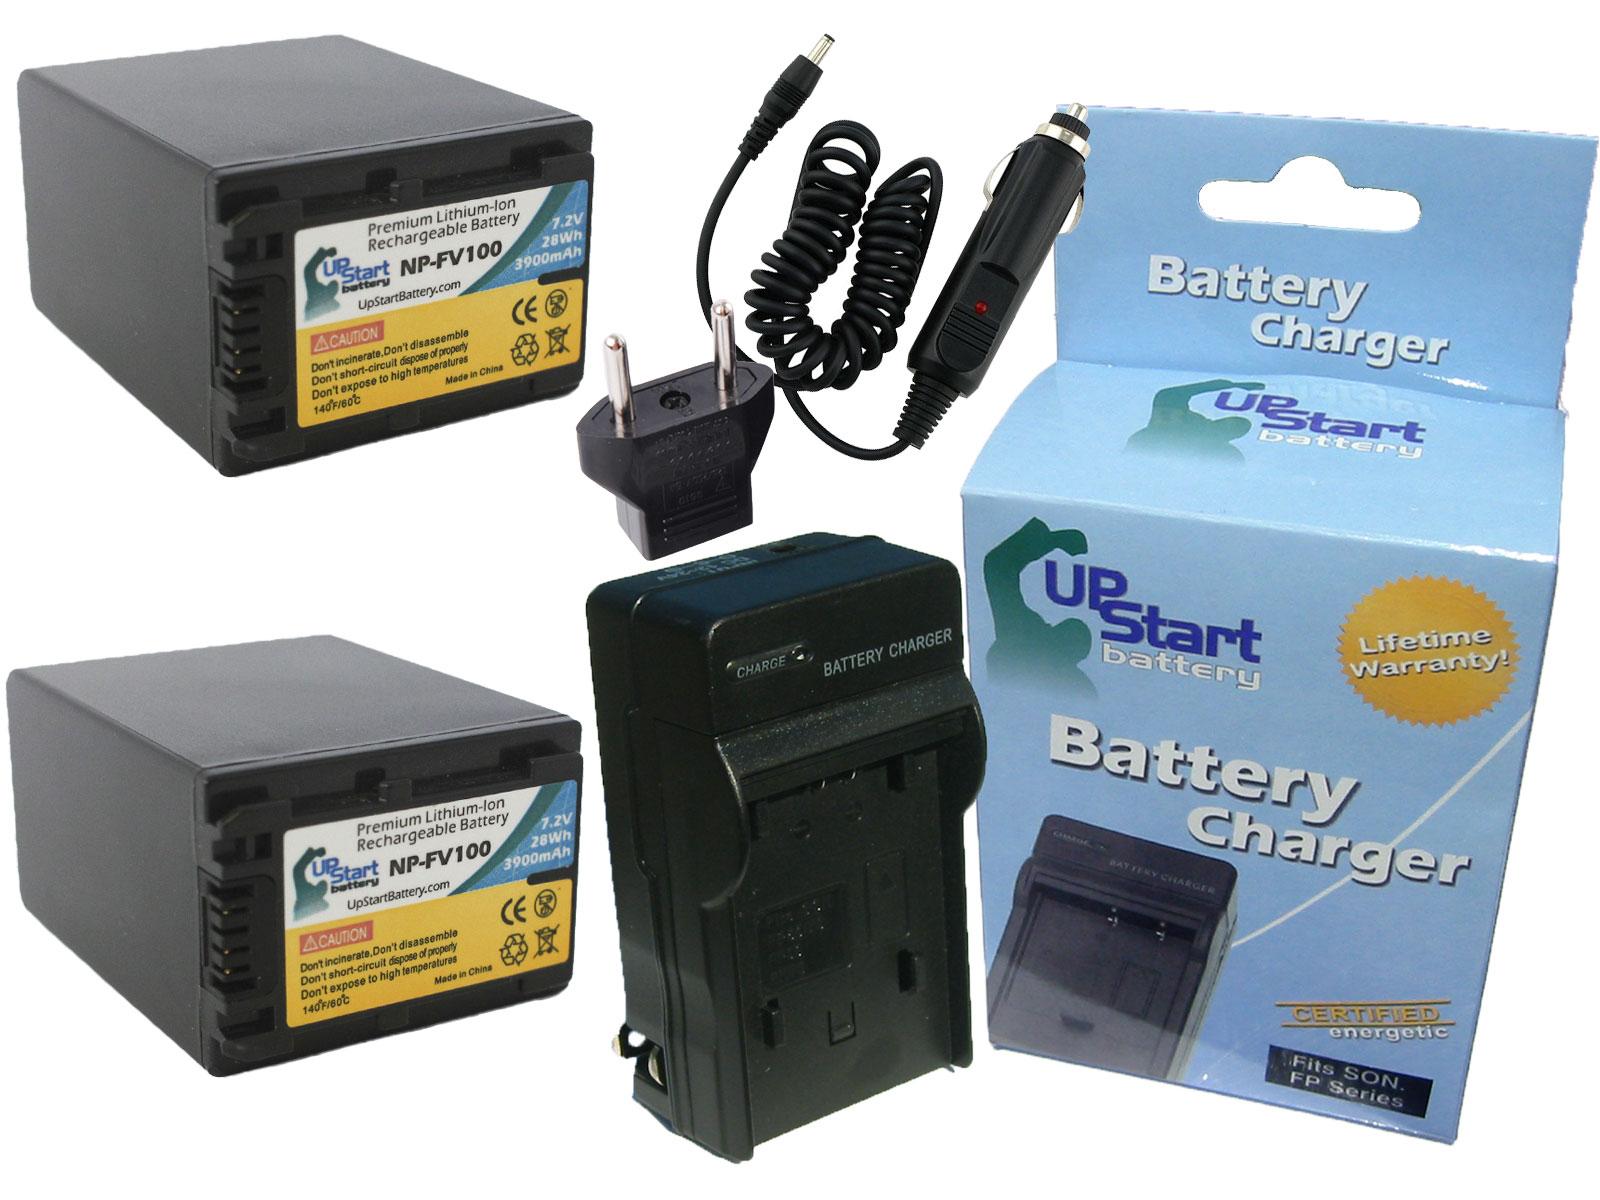 Dual Channel Battery Charger for Sony HDR-TD10 HDR-TD30V Handycam Camcorder HDR-TD20V